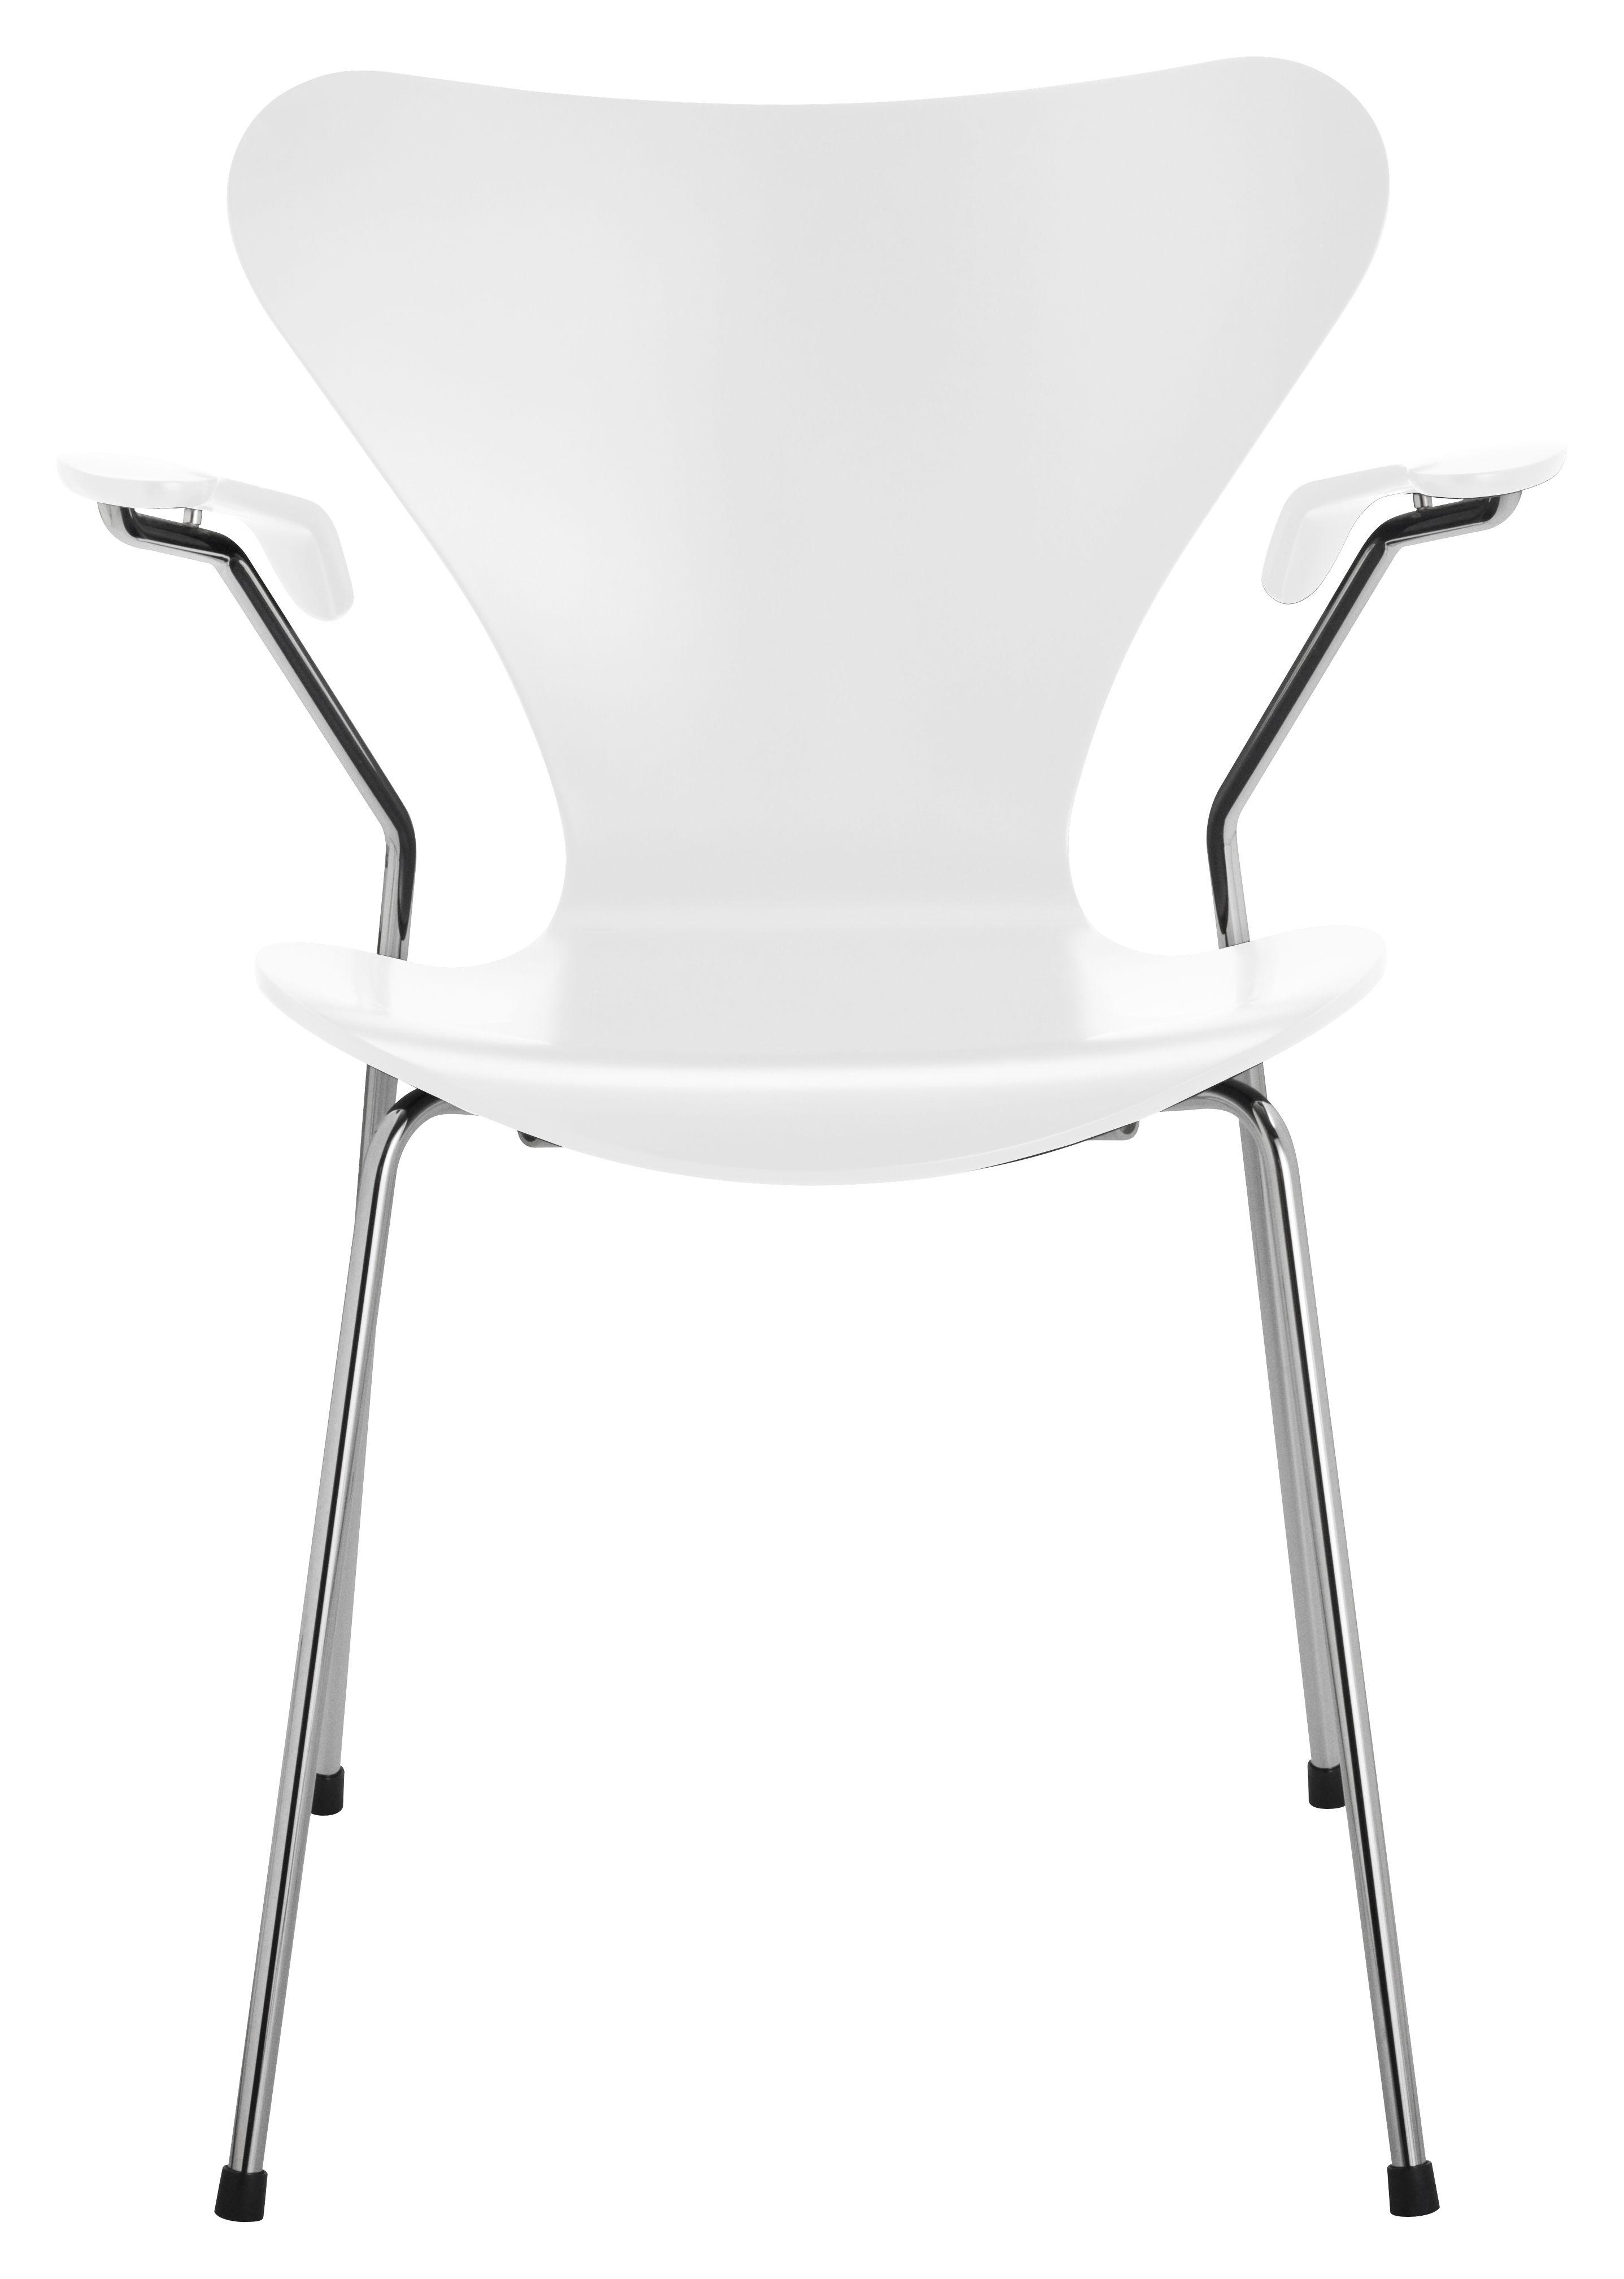 Möbel - Stühle  - Série 7 Sessel Esche - Fritz Hansen - Weiß gefärbte Esche - Buchenfurnier, Stahl